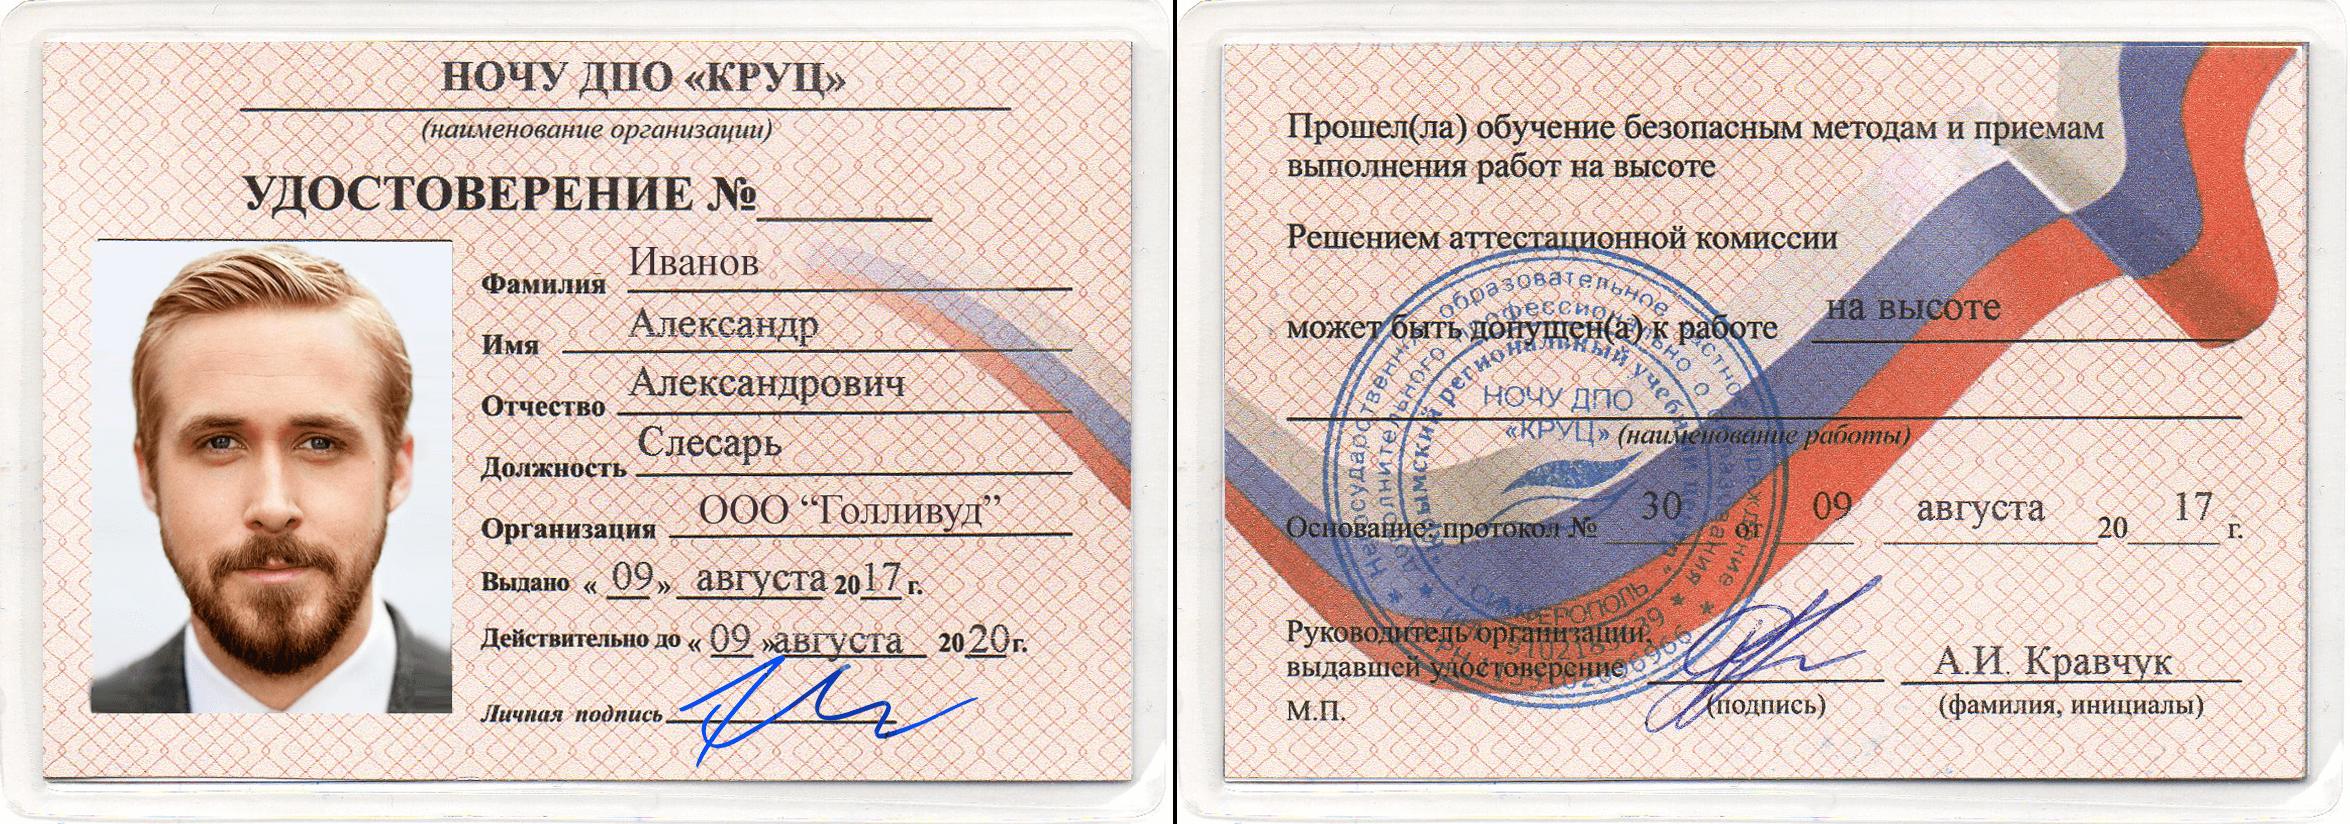 Удостоверение (Обучение безопасным приемам работы на высоте)